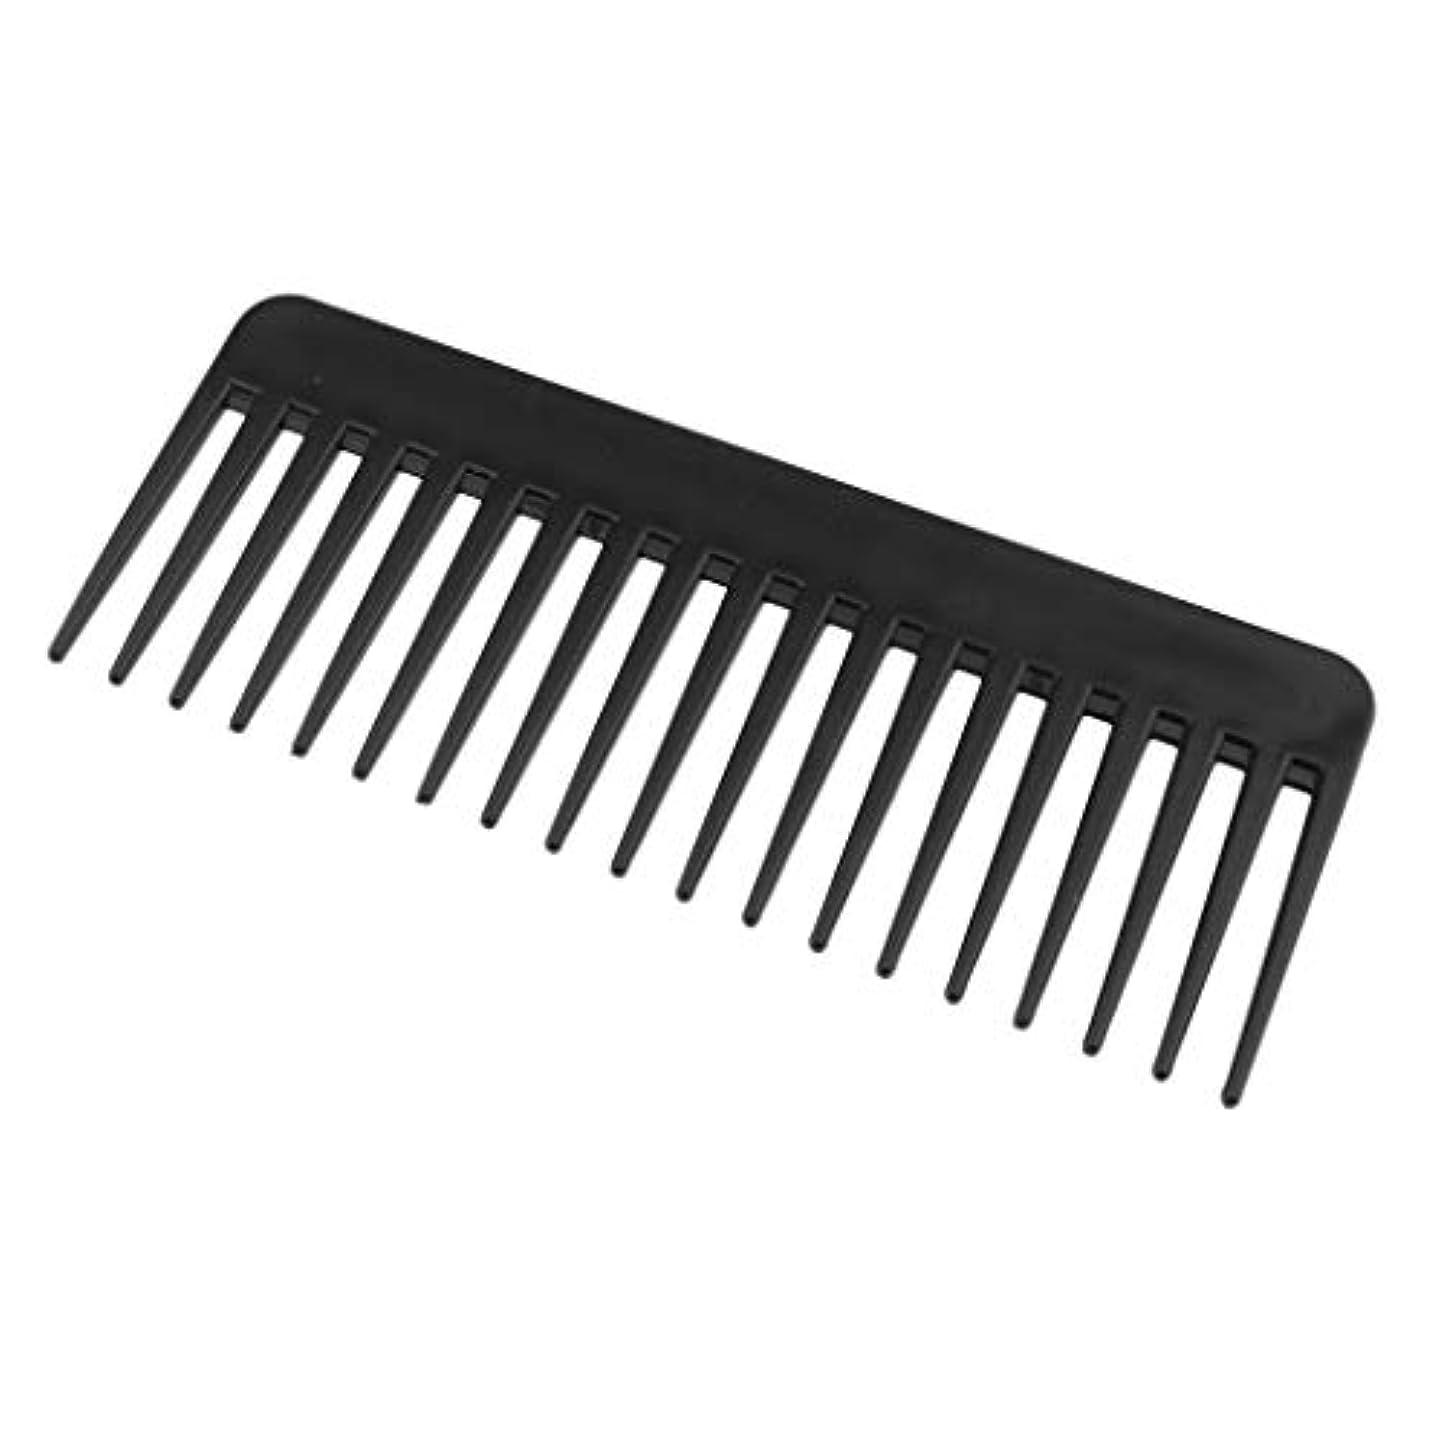 偏心ピンポイントホイスト帯電防止くし プラスチック製 ヘアブラシ 丈夫 3色選べ - ブラック